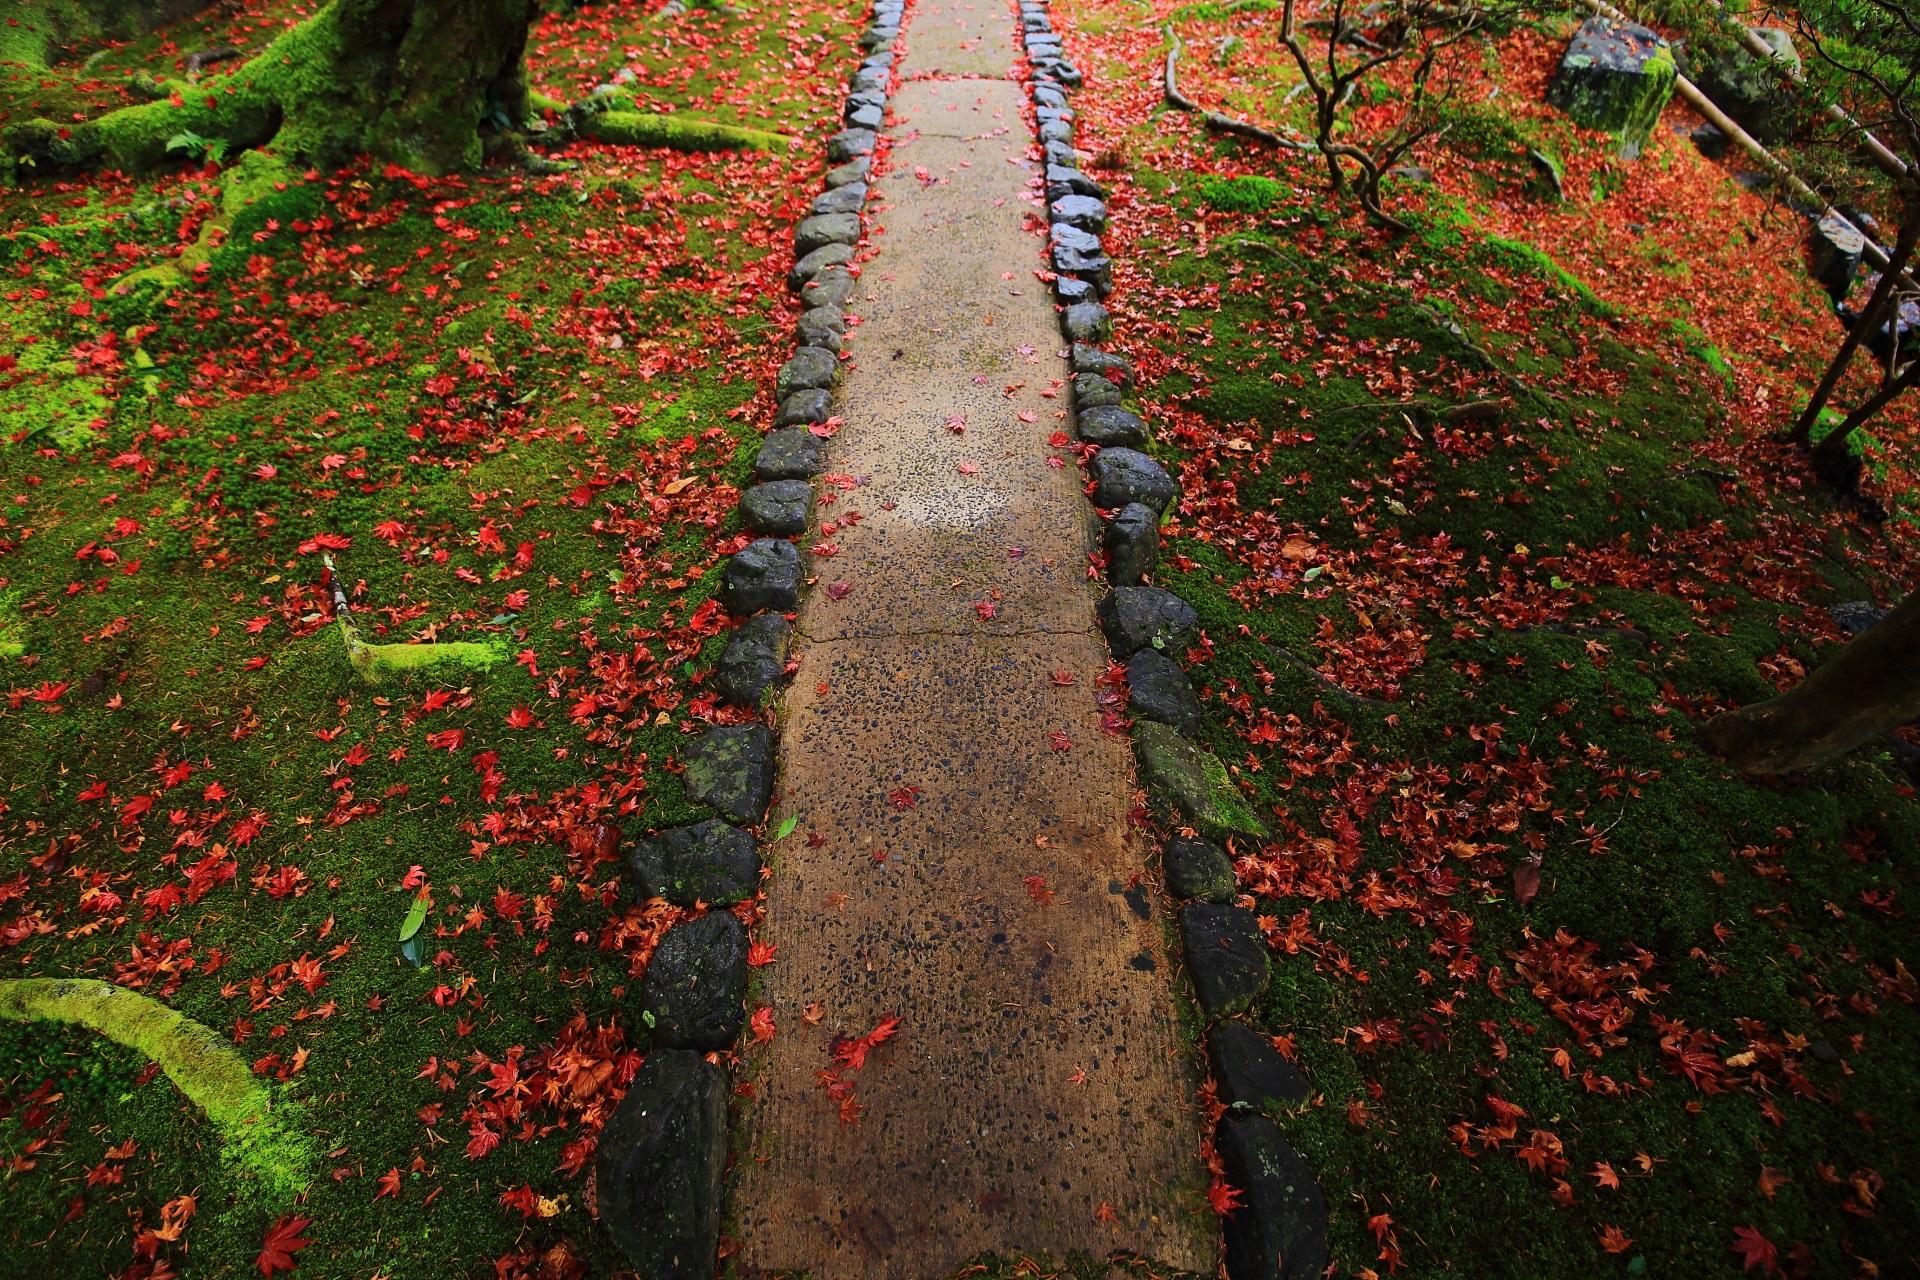 鮮やかな秋色に染まった風情ある参道と苔